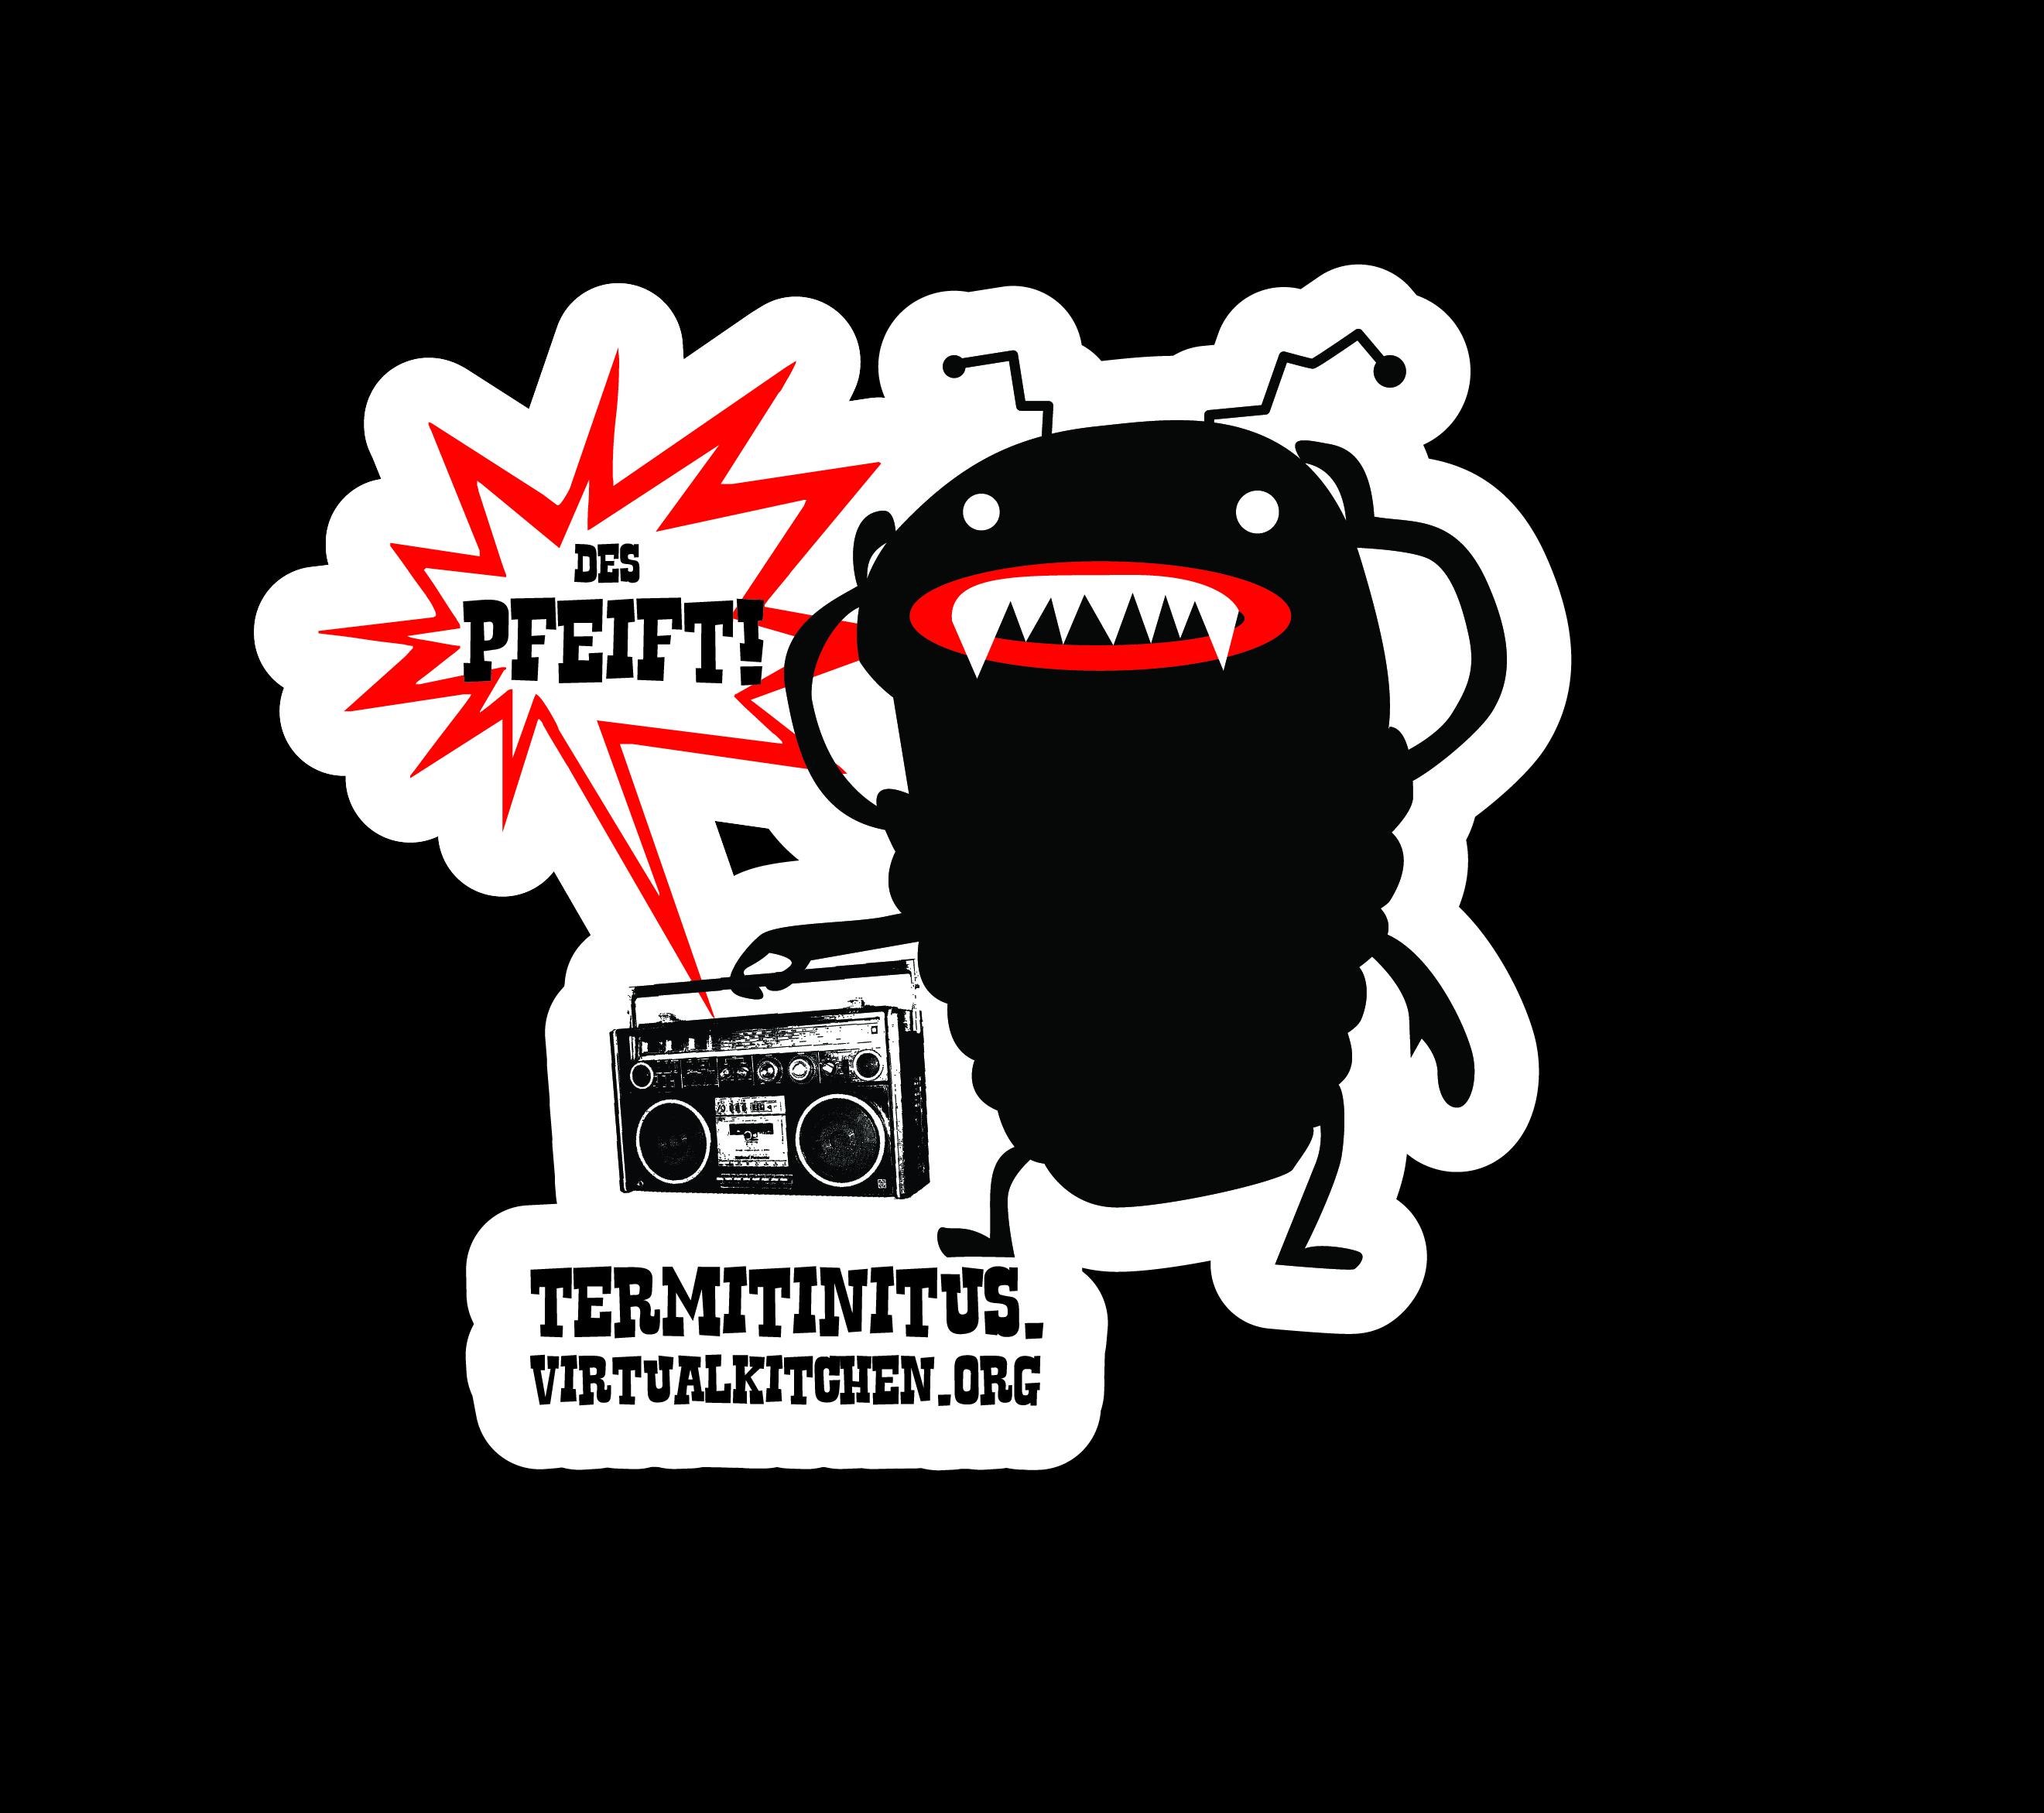 Termitinitus_3F